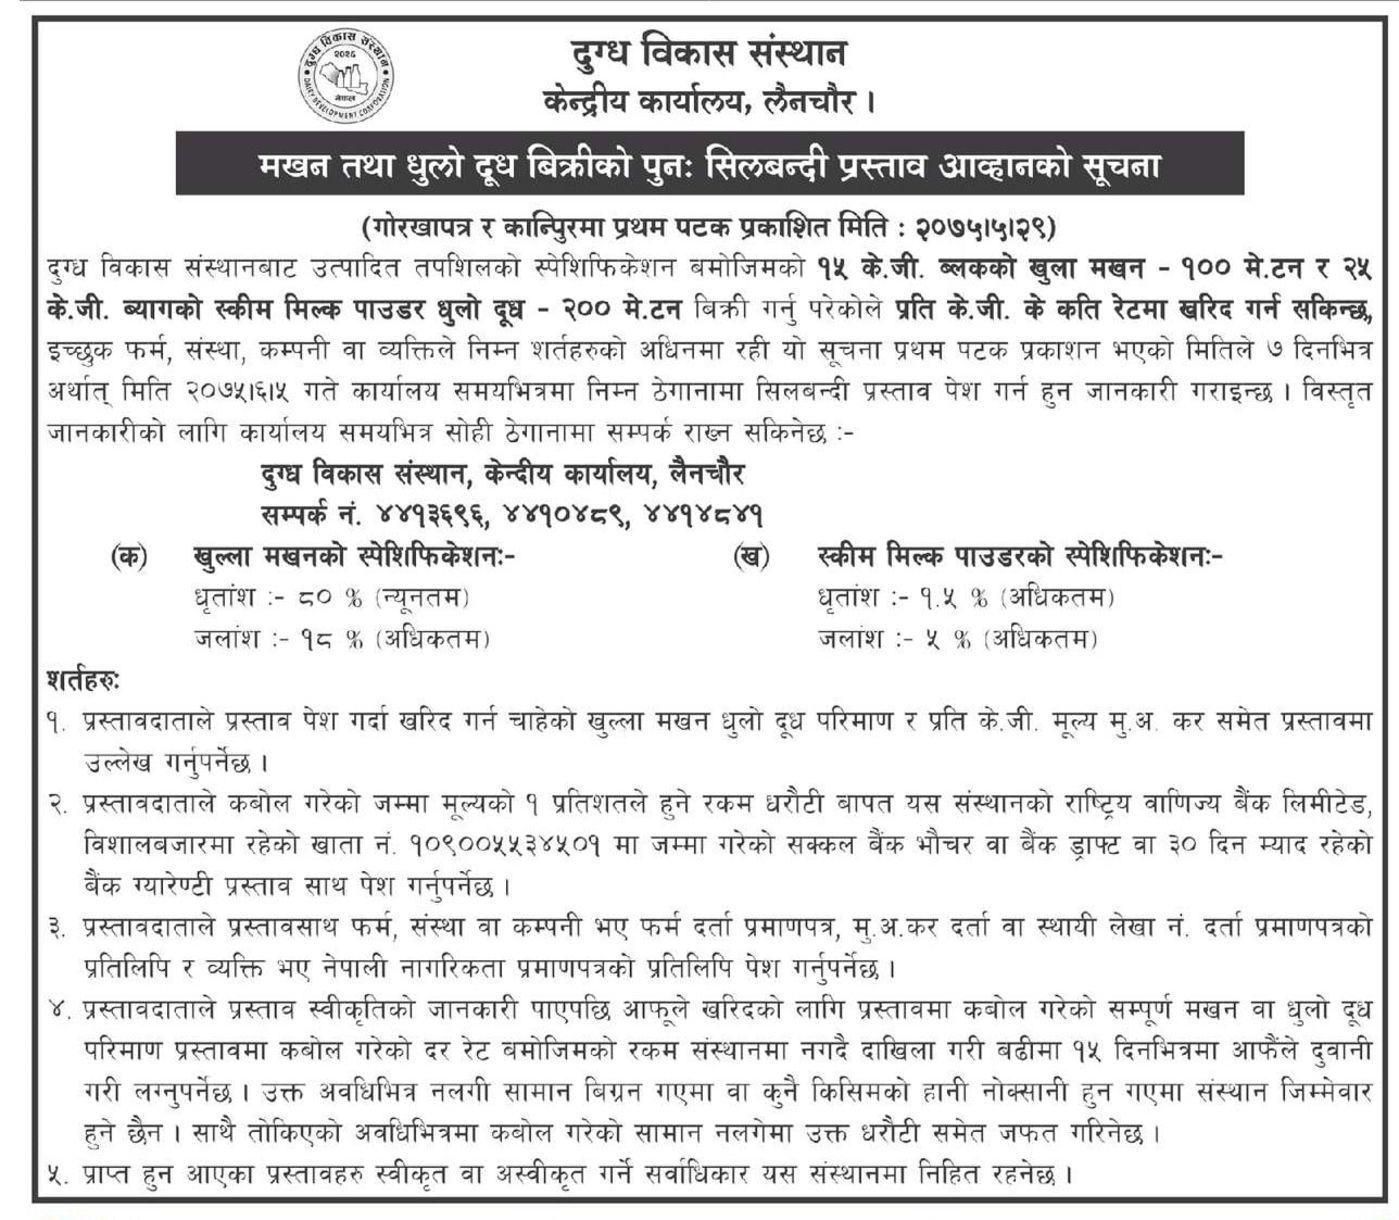 Bids and Tenders Nepal - DDC RFP - Sale of Powder Milk